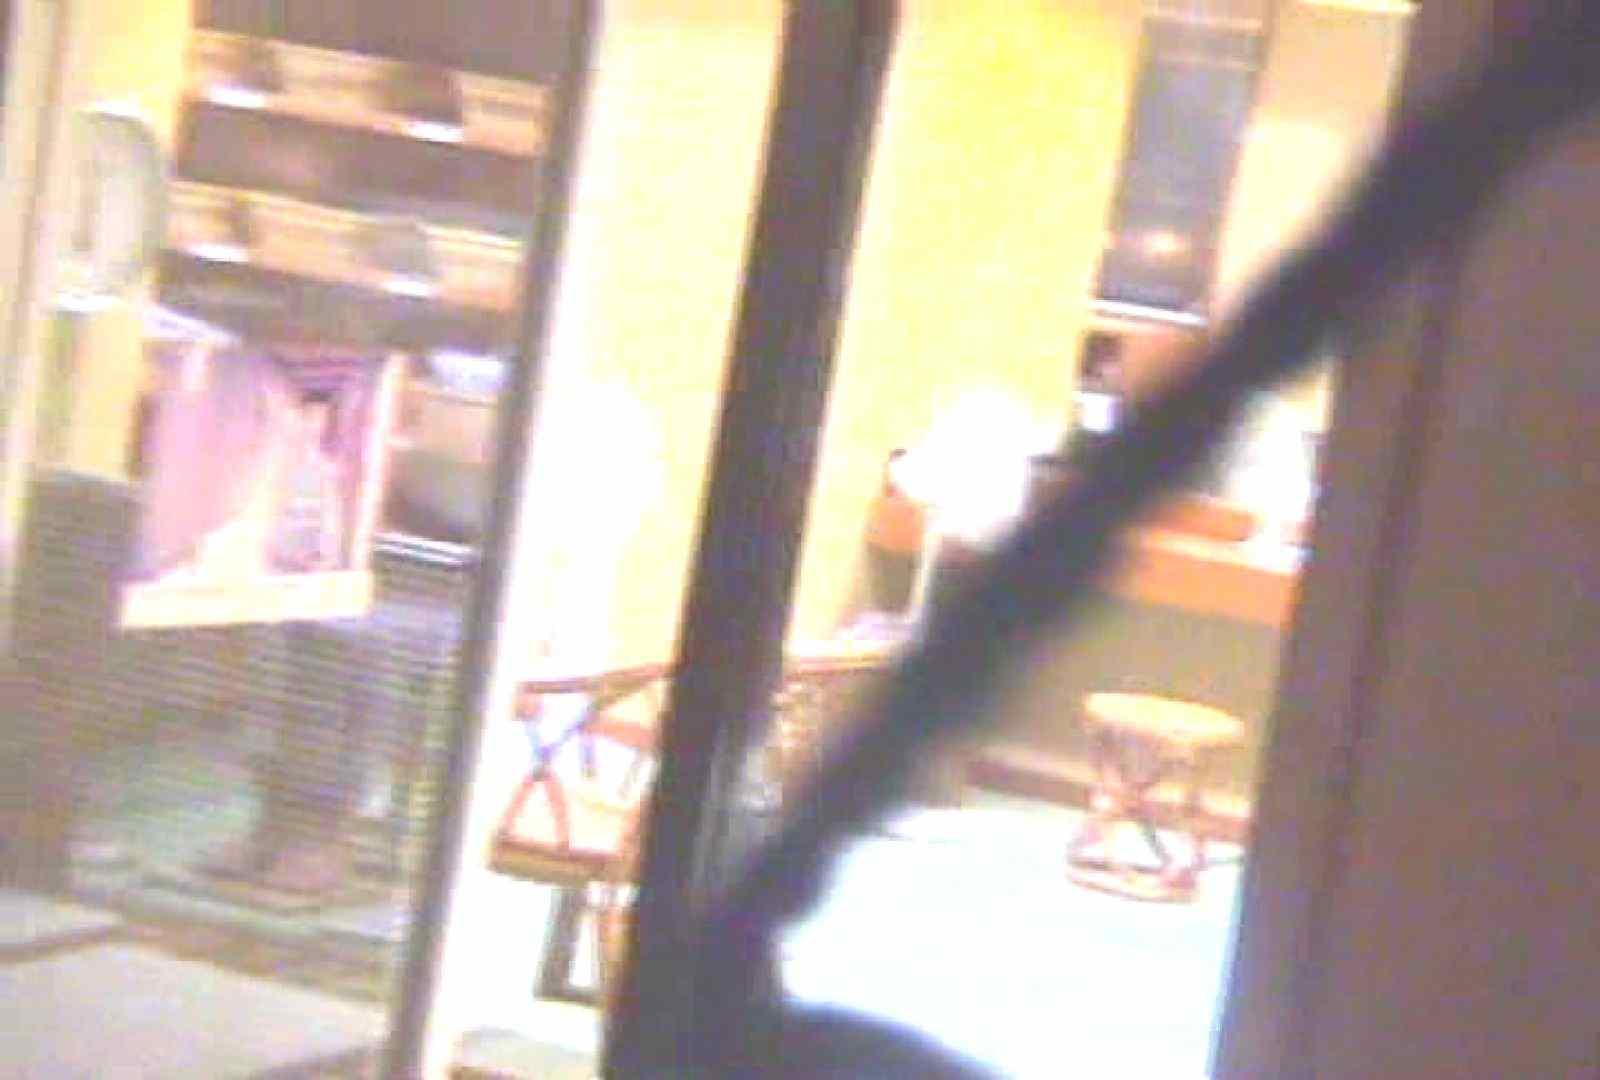 素人投稿シリーズ 盗撮 覗きの穴場 大浴場編 Vol.3 独占盗撮 ワレメ無修正動画無料 32連発 8